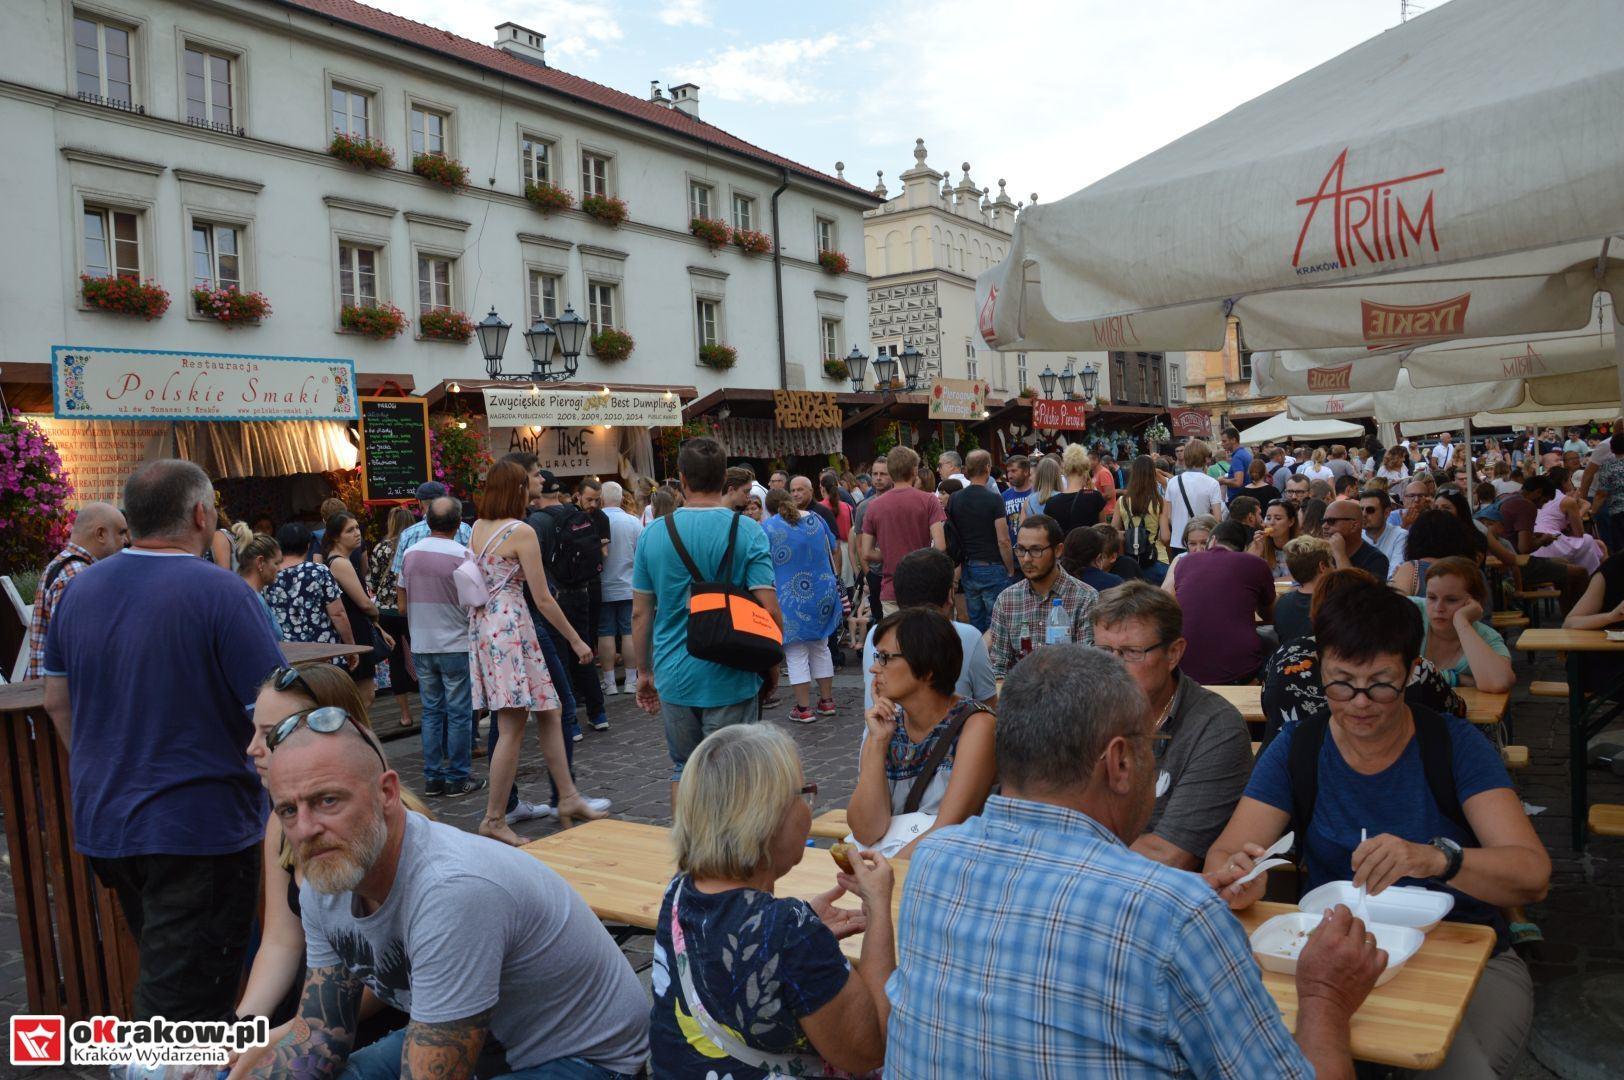 krakow festiwal pierogow maly rynek koncert cheap tobacco 80 150x150 - Galeria zdjęć Festiwal Pierogów Kraków 2018 + zdjęcia z koncertu Cheap Tobacco